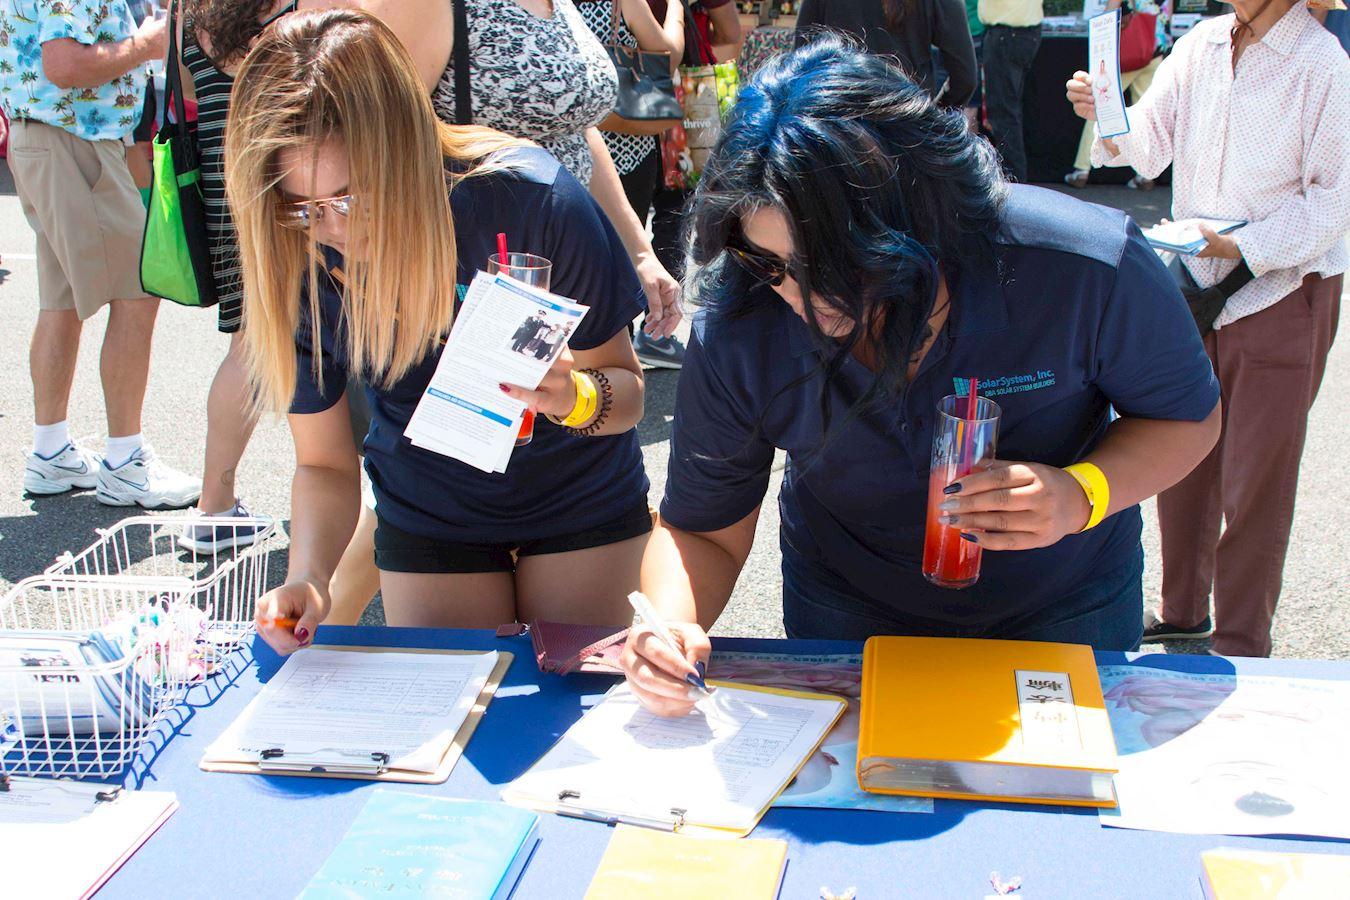 2017年8月5日和6日兩天,美國舊金山灣區佛利蒙市(Fremont)舉辦藝術節,部分法輪功學員來到這裡設置真相展位,向民眾傳播法輪功真相。民眾瞭解真相後,在要求停止活摘法輪功學員器官的請願信上簽名。(明慧網)